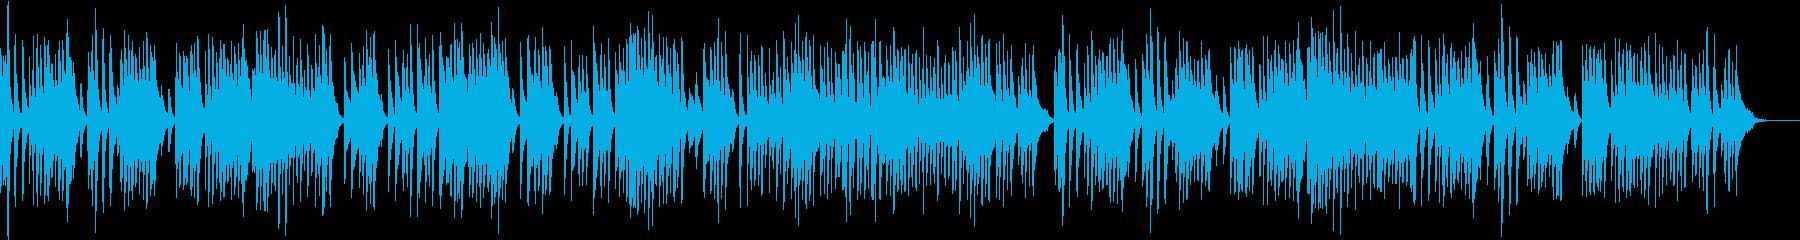 楽しい動画にぴったりなワルツの再生済みの波形